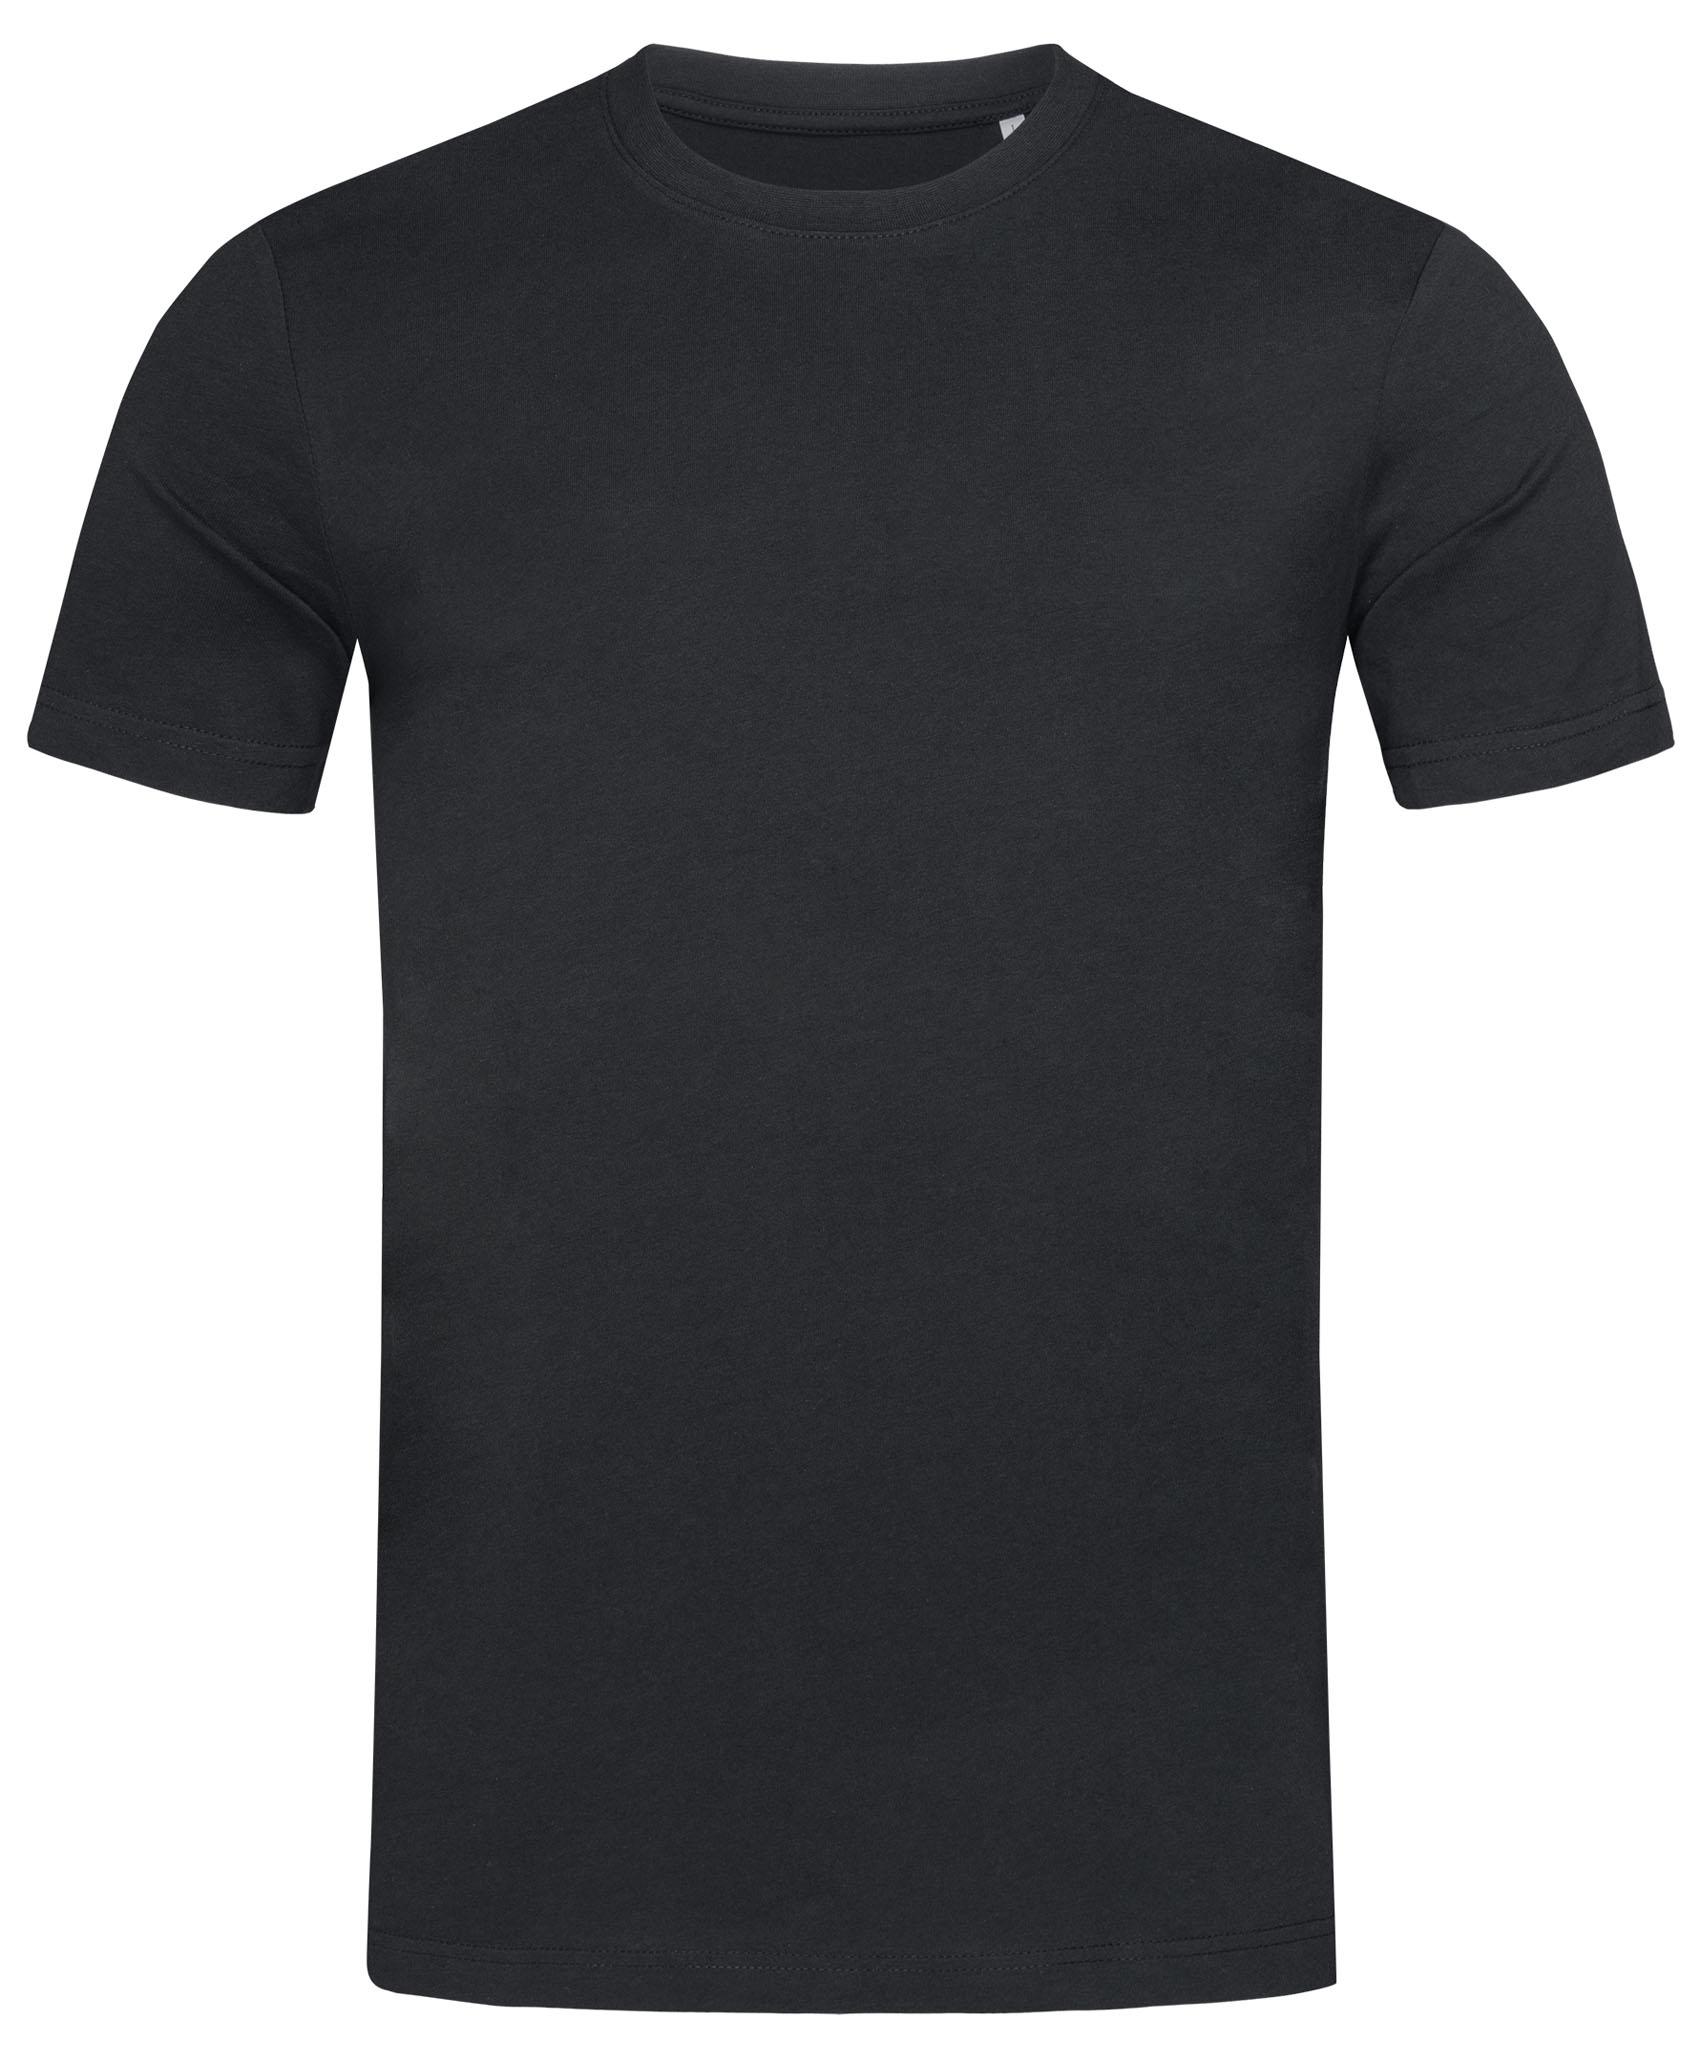 Stedman T-shirt Crewneck James for him